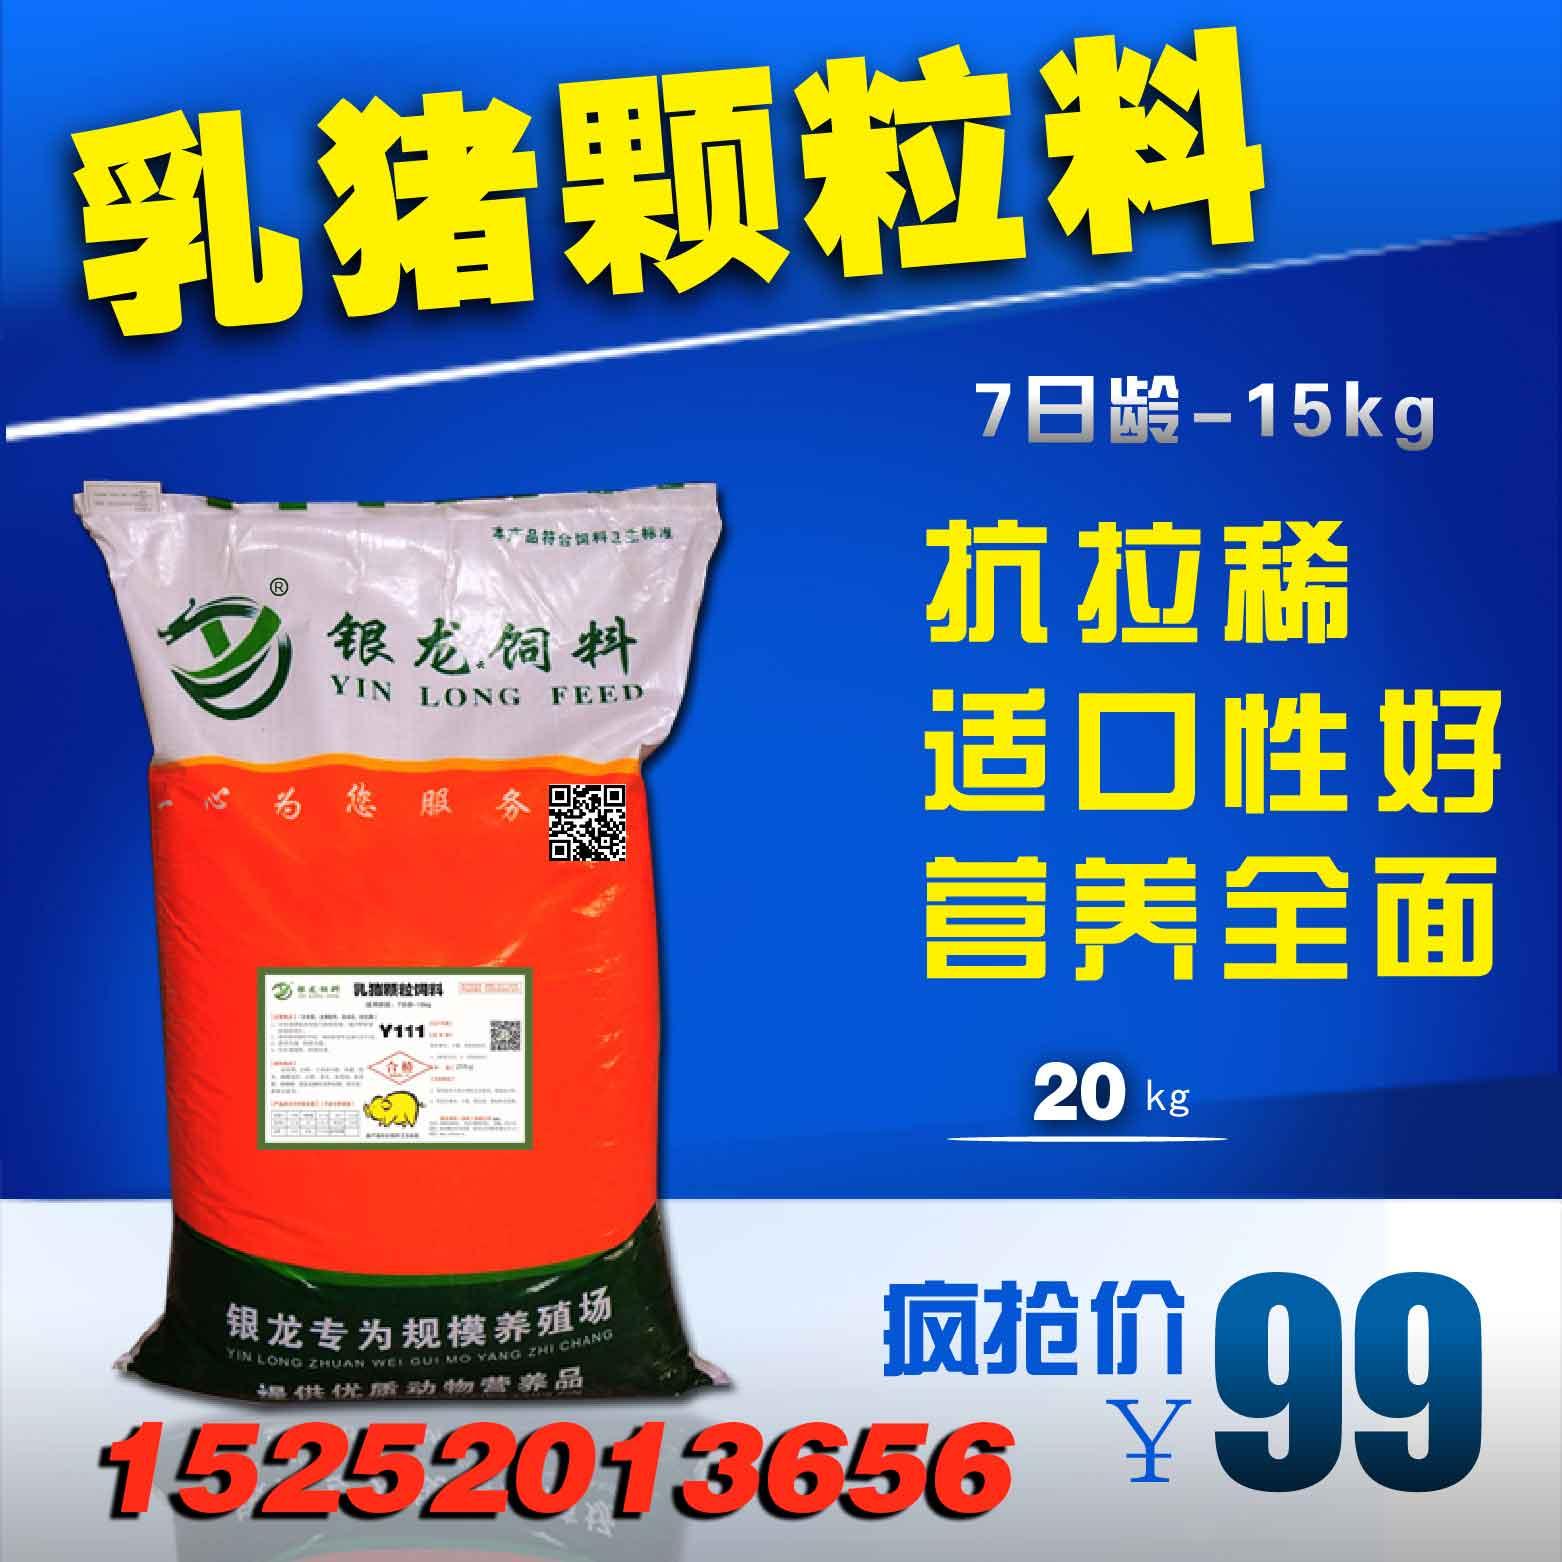 乳猪颗粒料所含的营养成分